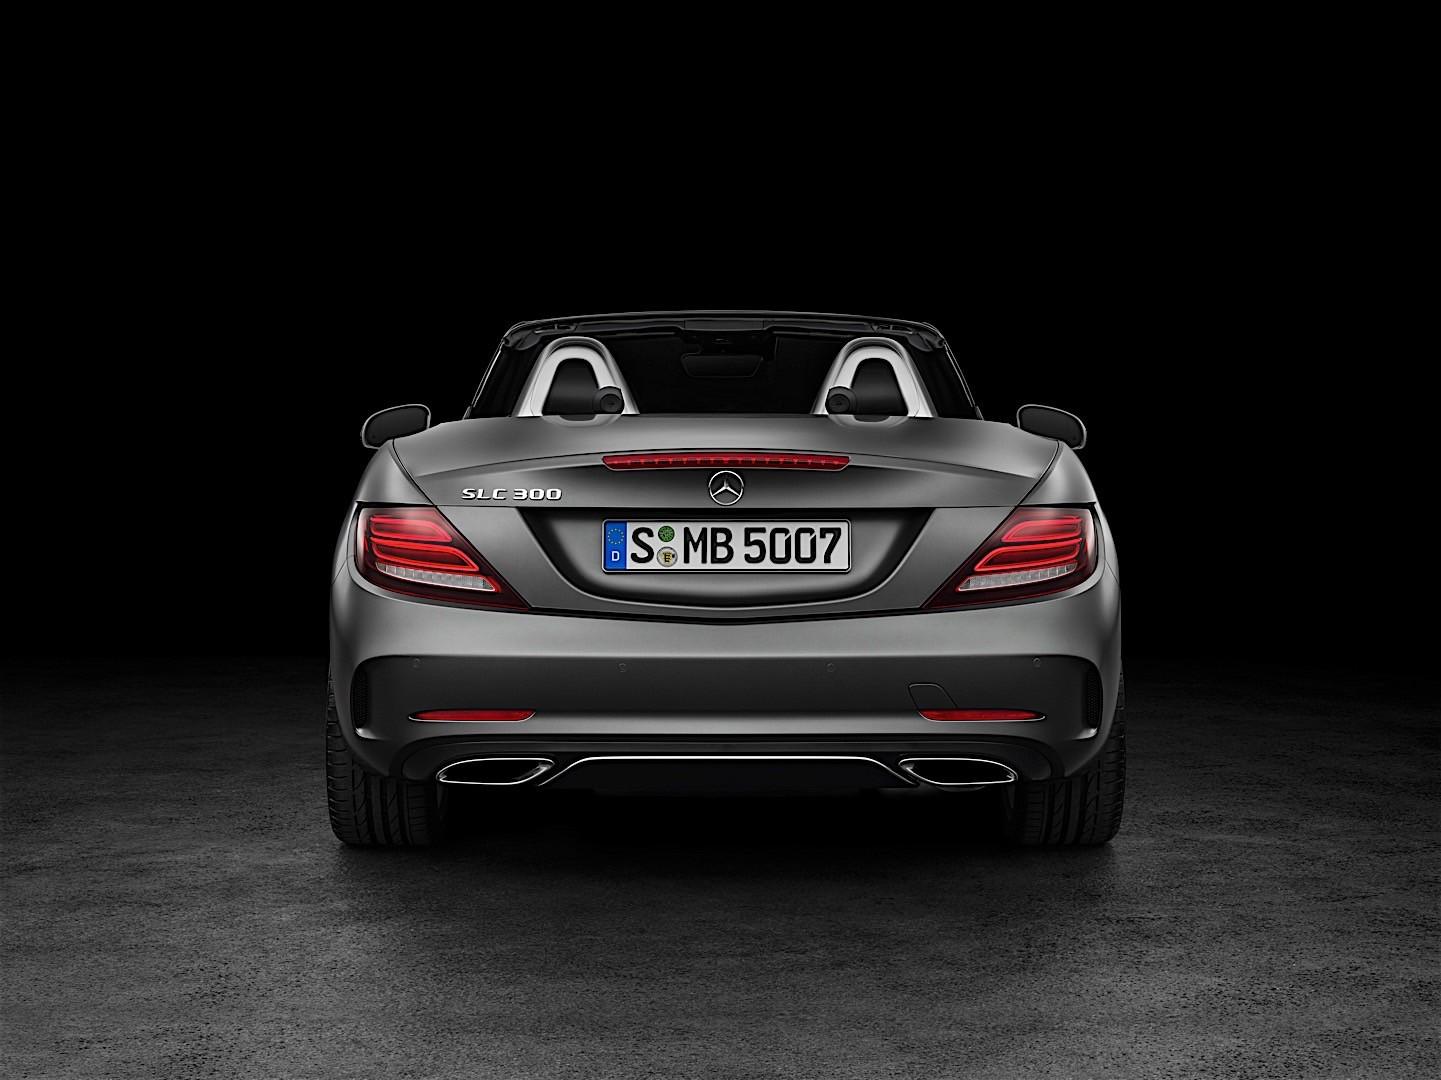 Mercedes-Benz SLC-klasse AMG I (R172) 2016 - now Roadster #5